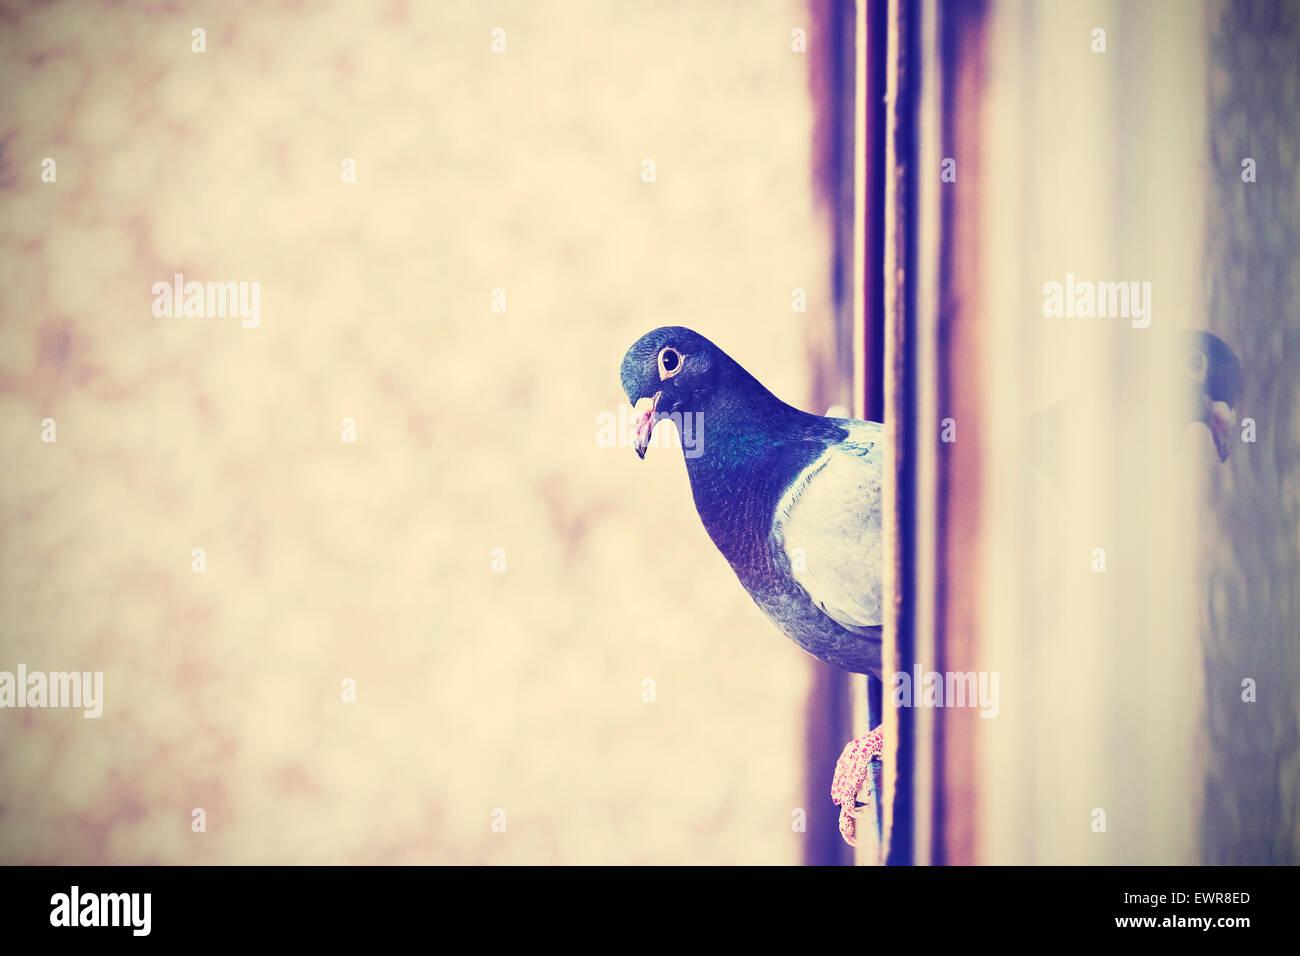 Retro-Instagram stilisierte Foto einer Taube im Fenster Platz für Text. Stockbild